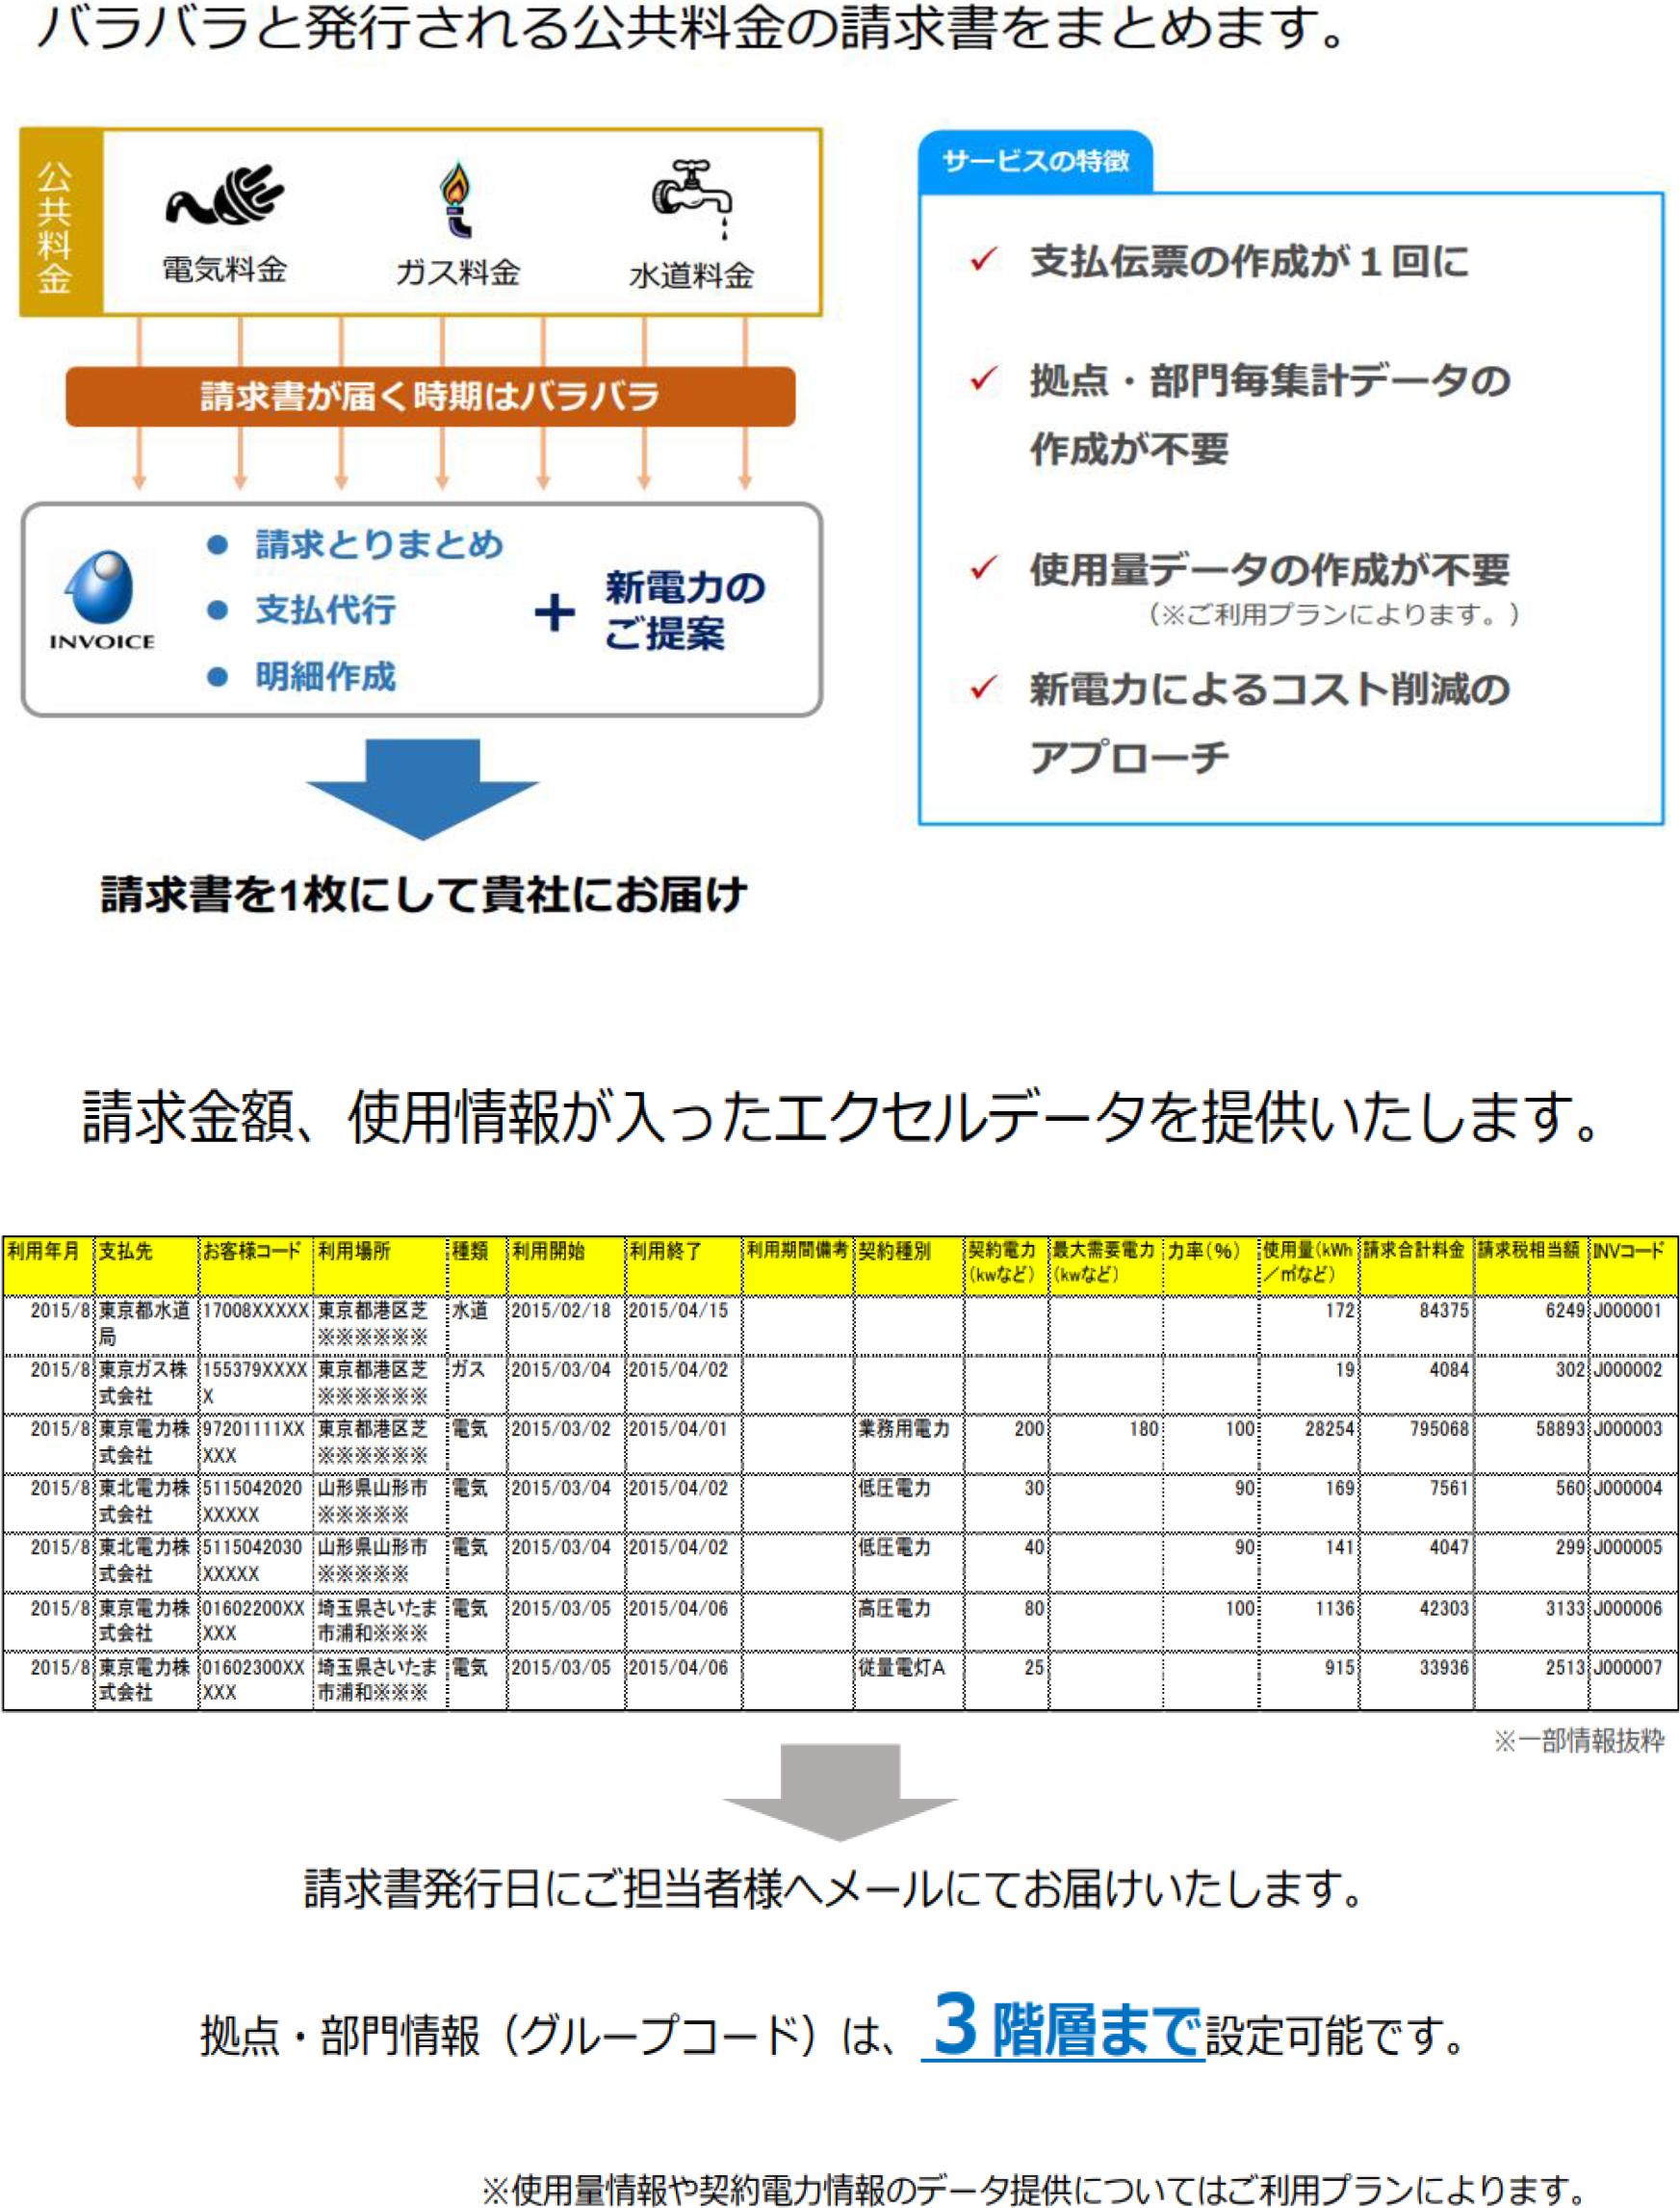 【導入事例】株式会社湘南ゼミナール3.jpg